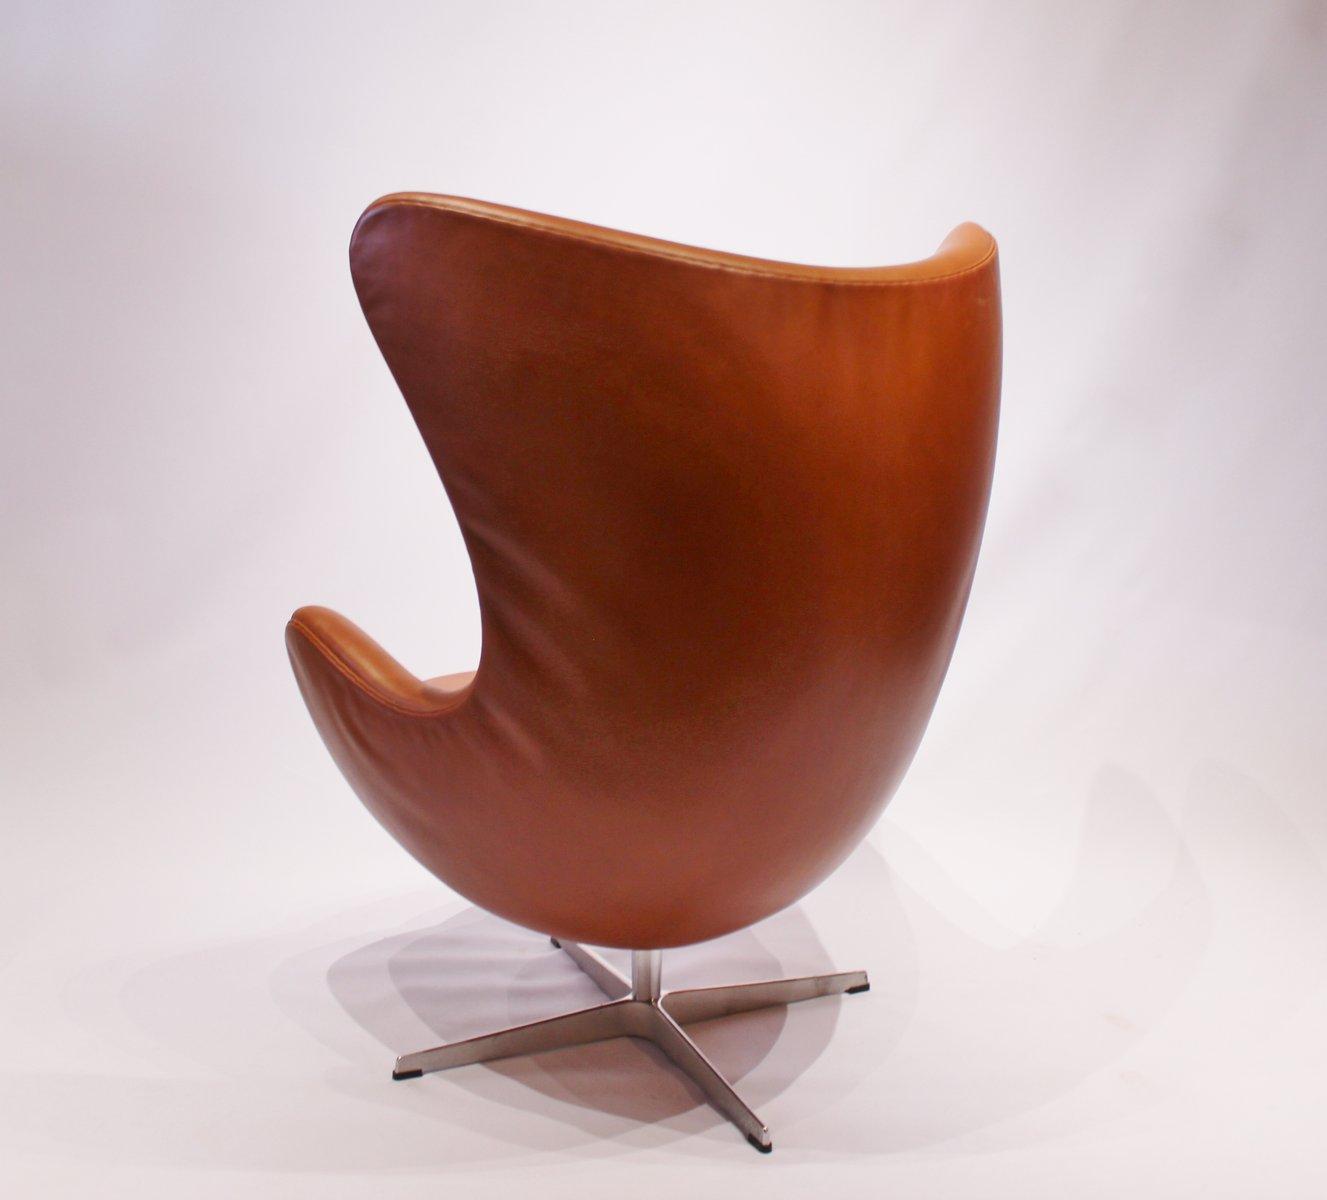 modell 3316 egg chair von arne jacobsen f r fritz hansen 1958 bei pamono kaufen. Black Bedroom Furniture Sets. Home Design Ideas